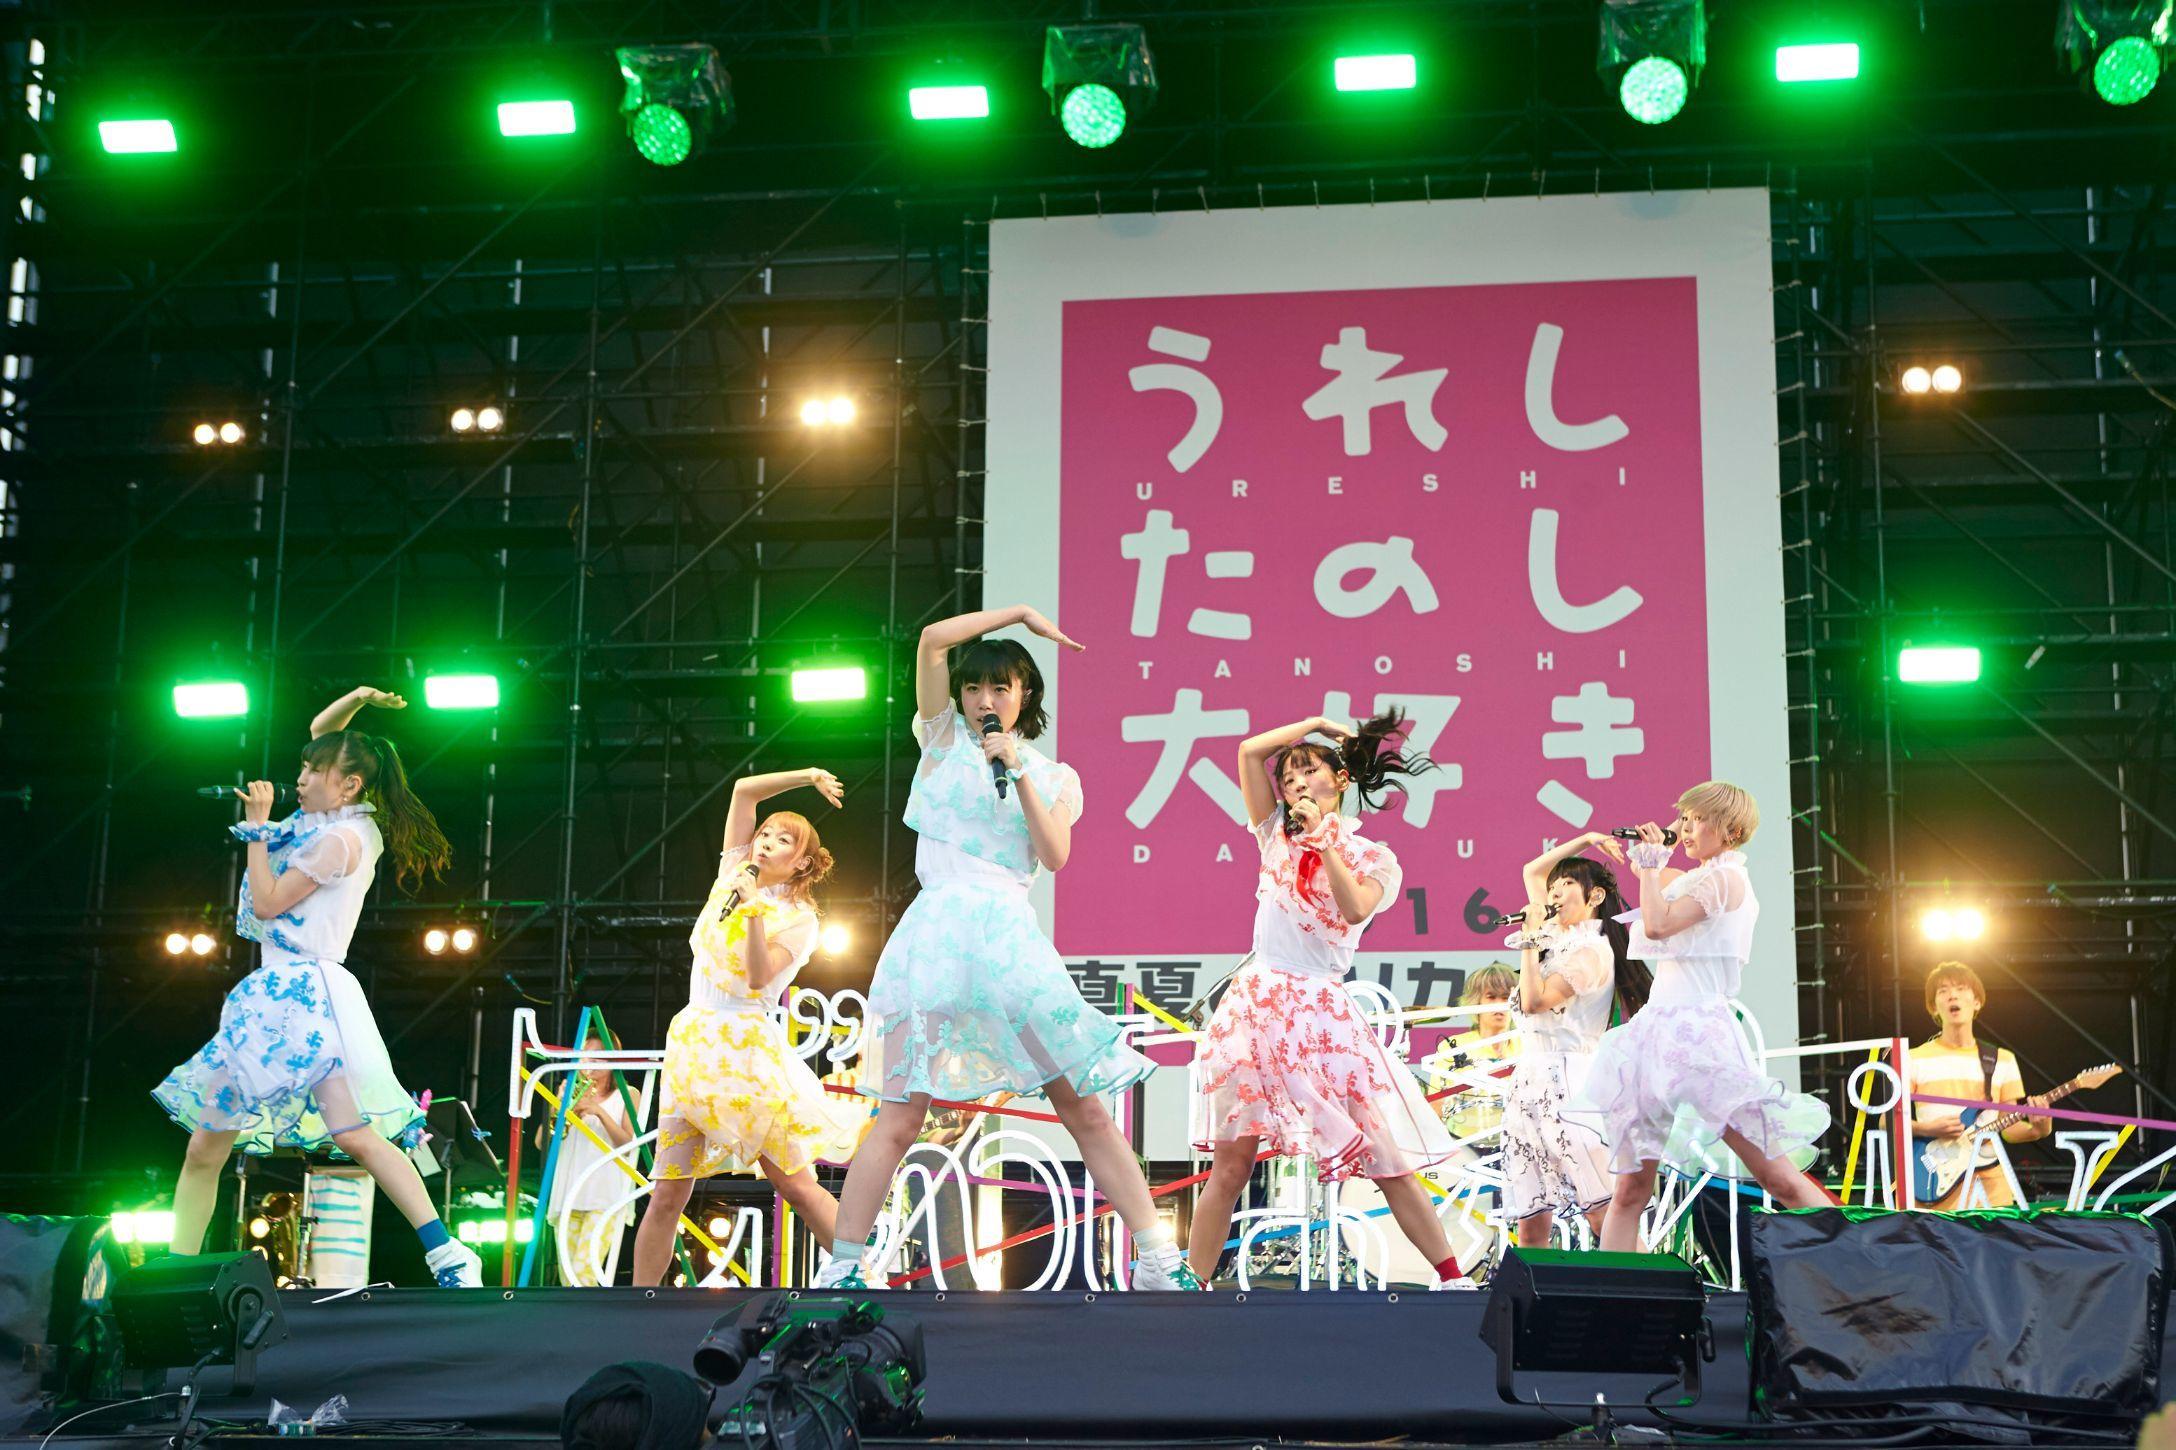 でんぱ組.inc Photo:植松千波 / 橋本塁(SOUND SHOOTER)